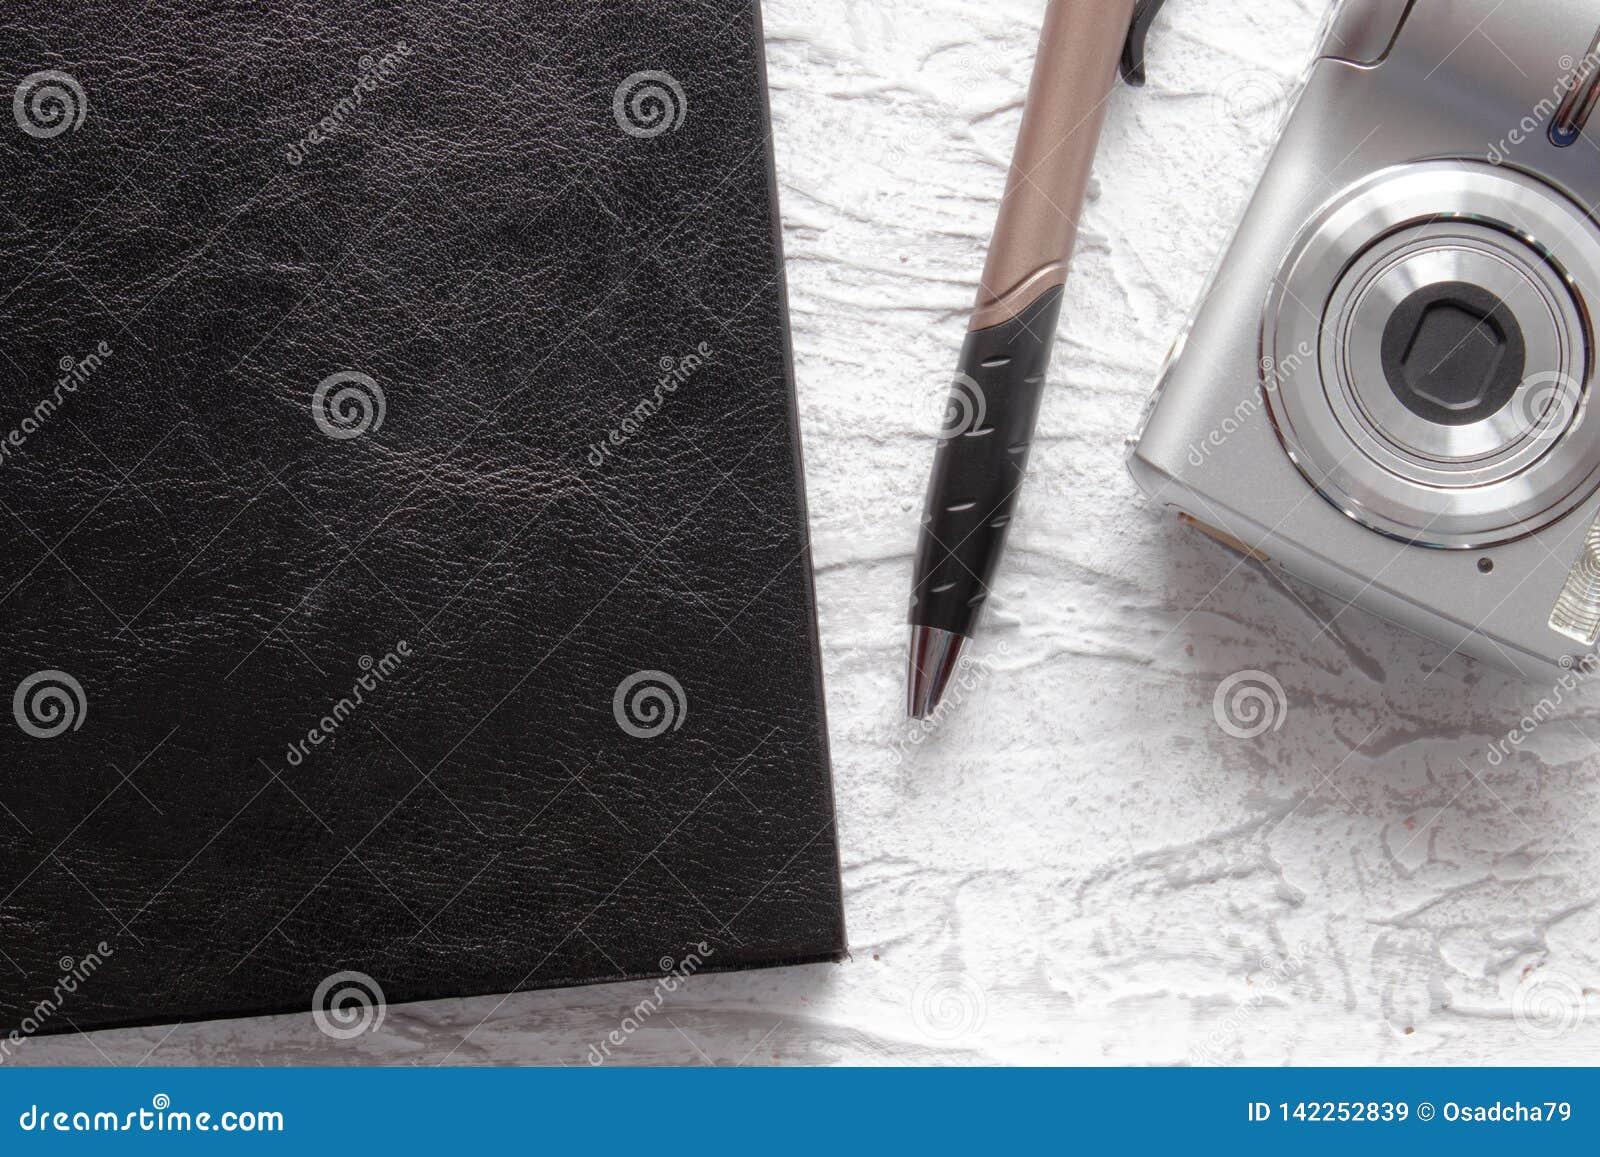 Взгляд сверху черных тетради и ручки около камеры фото на белой предпосылке стола для модель-макета